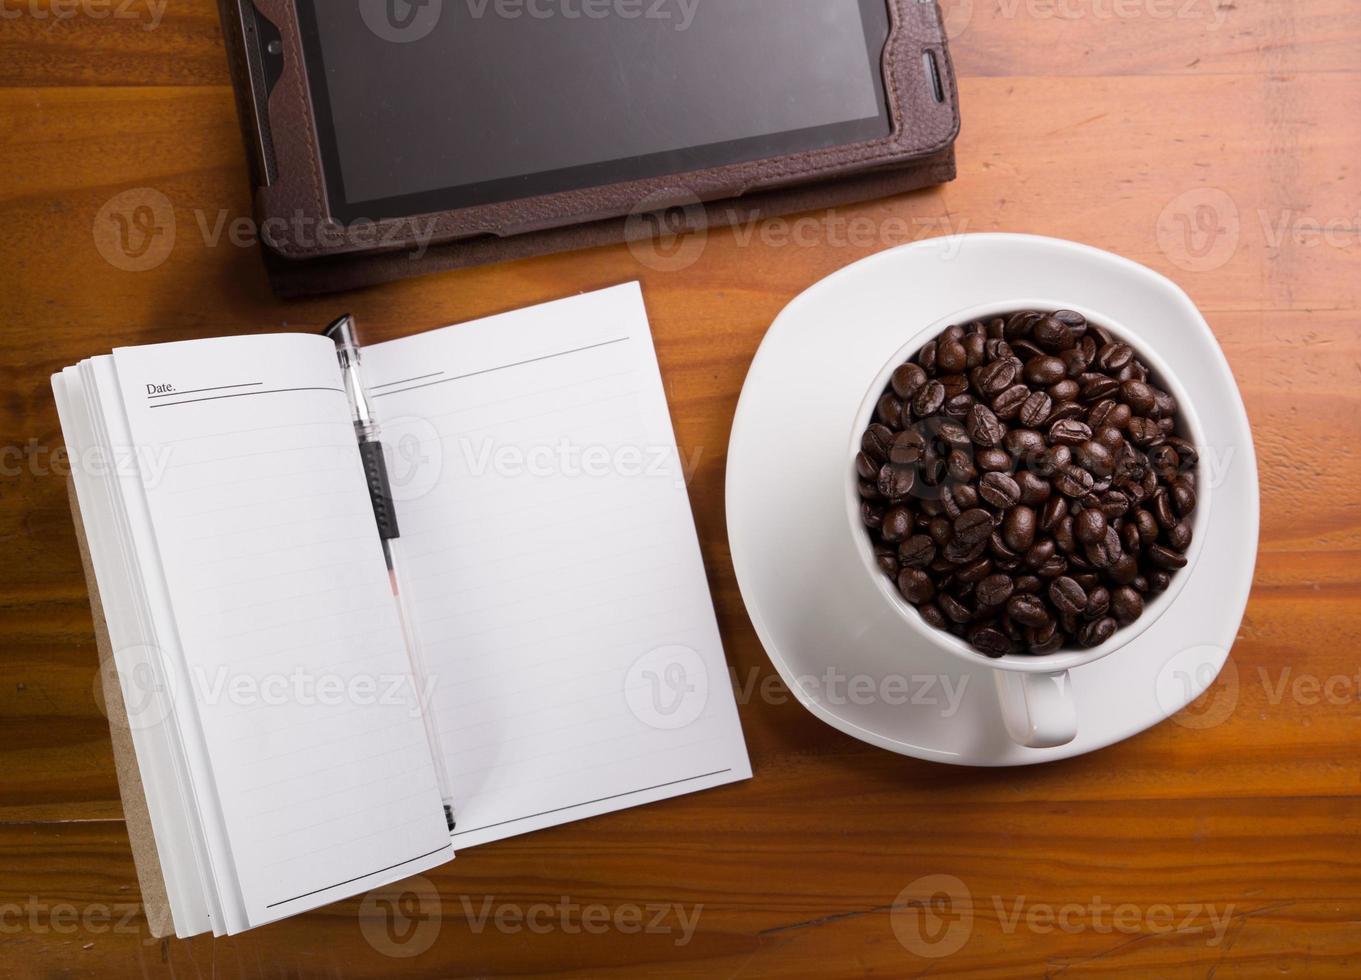 digitaler Tablet-PC auf dem Schreibtisch mit leerem weißen Bildschirm foto